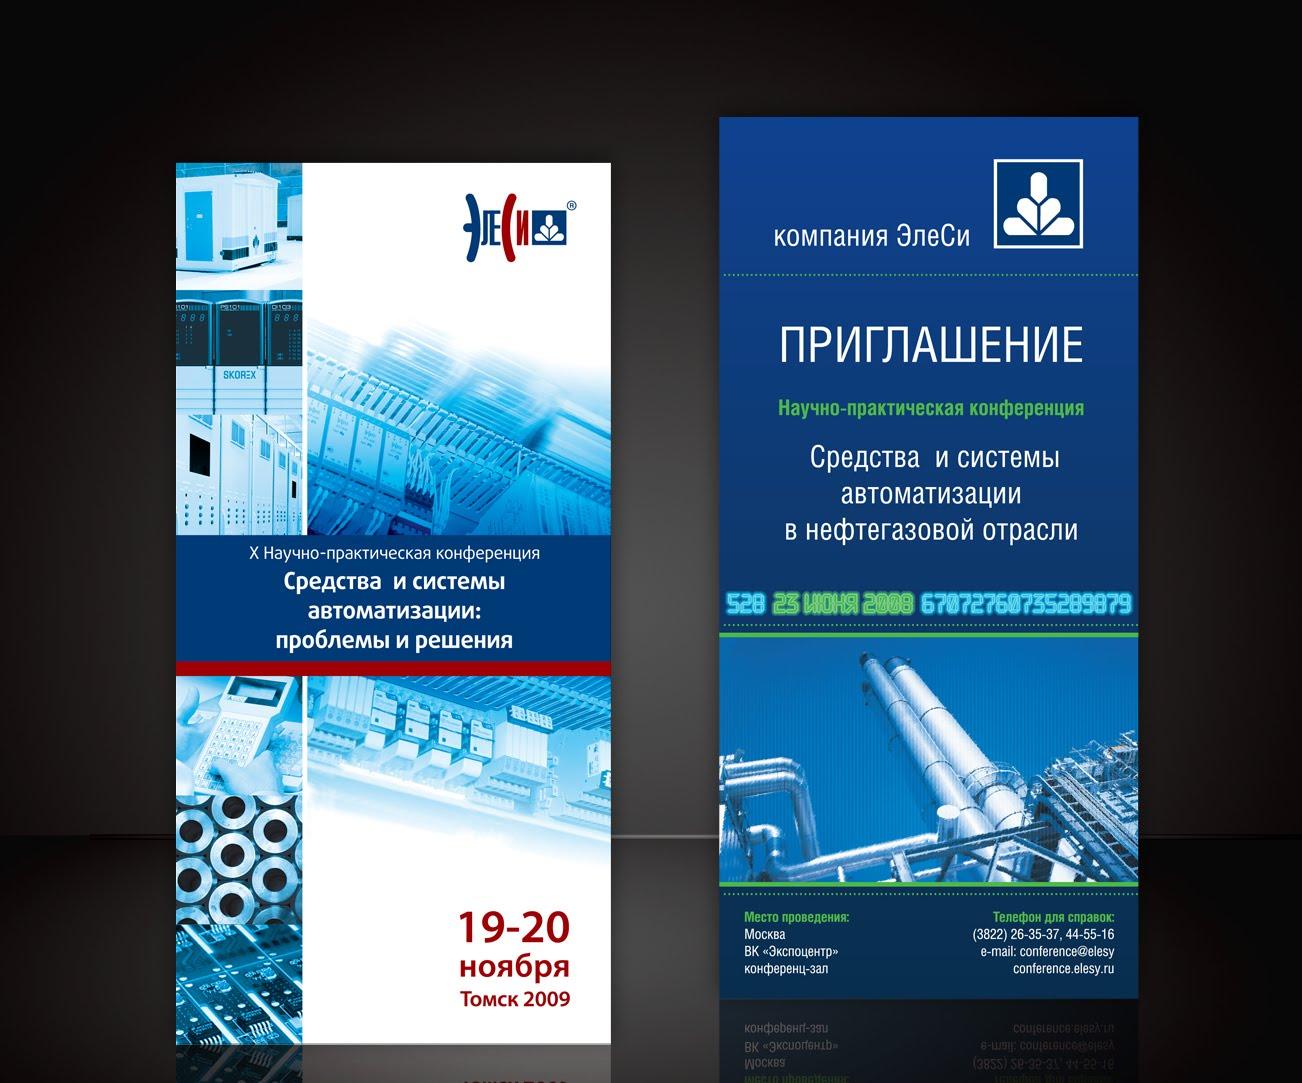 Приглашение на конференцию открытка 63